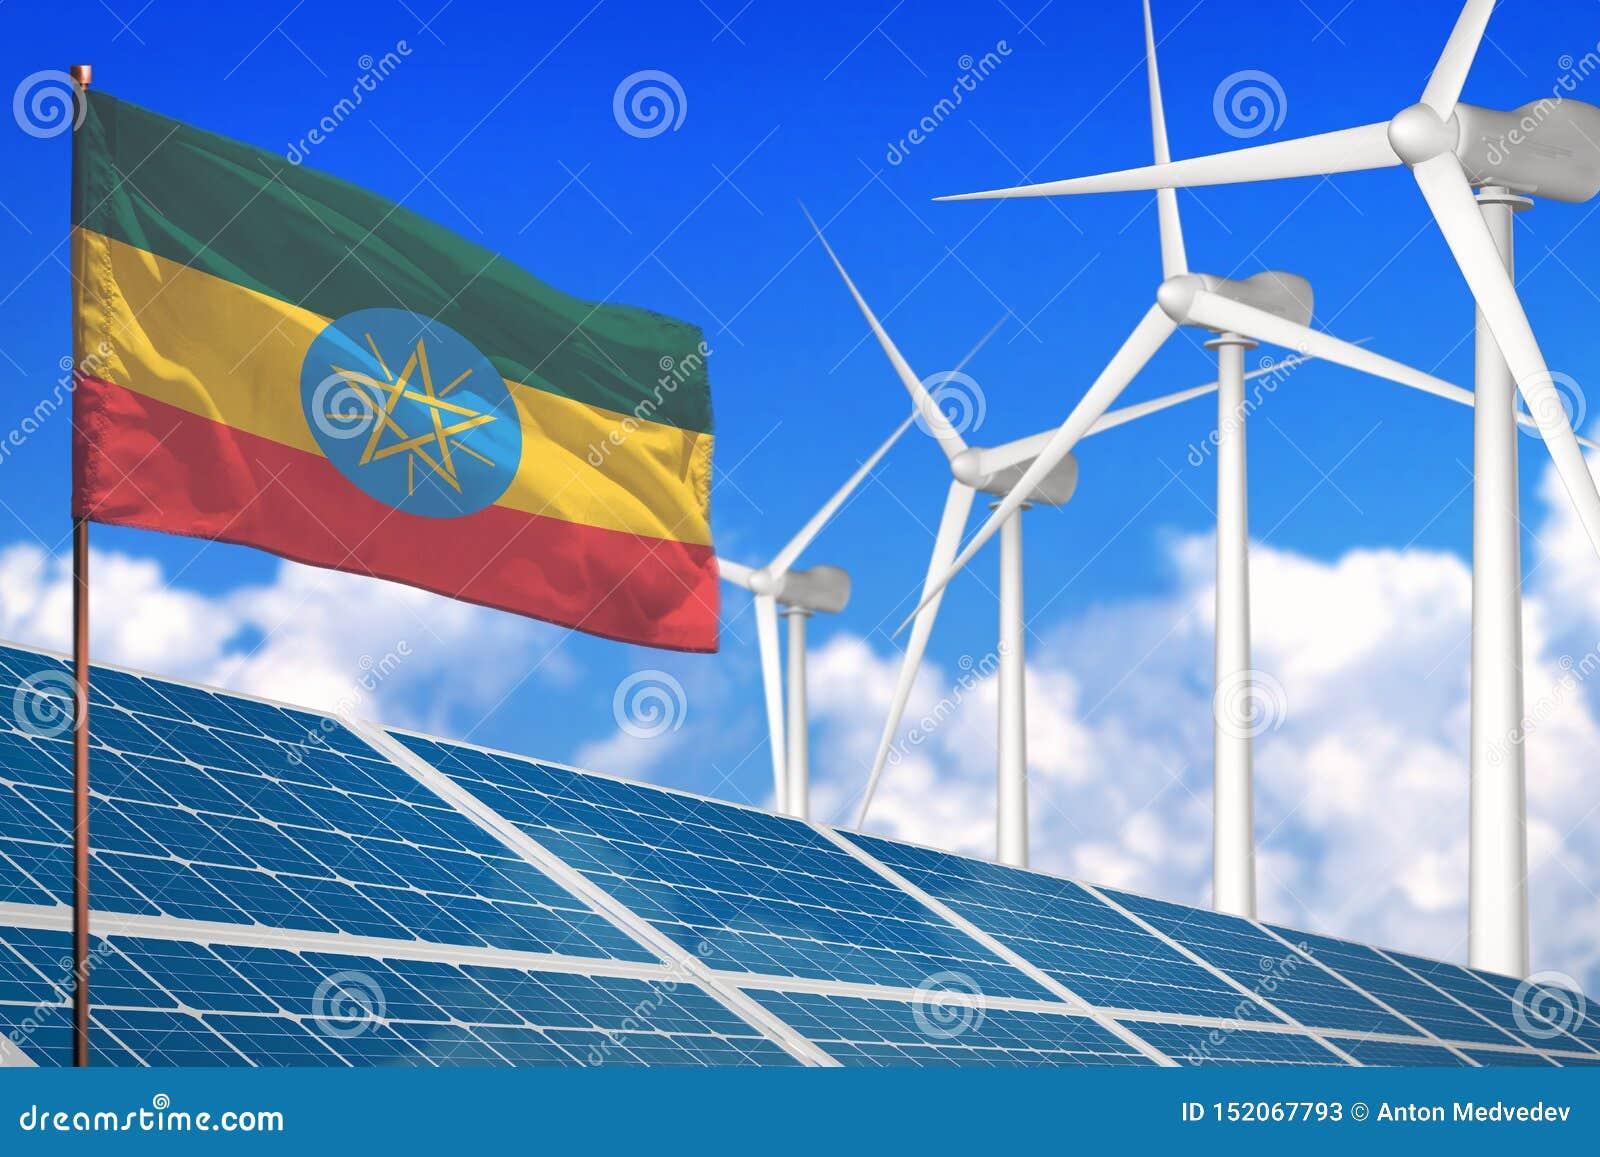 L Etiopia solare e energia eolica, concetto con i pannelli solari - energia rinnovabile dell energia rinnovabile contro riscaldam